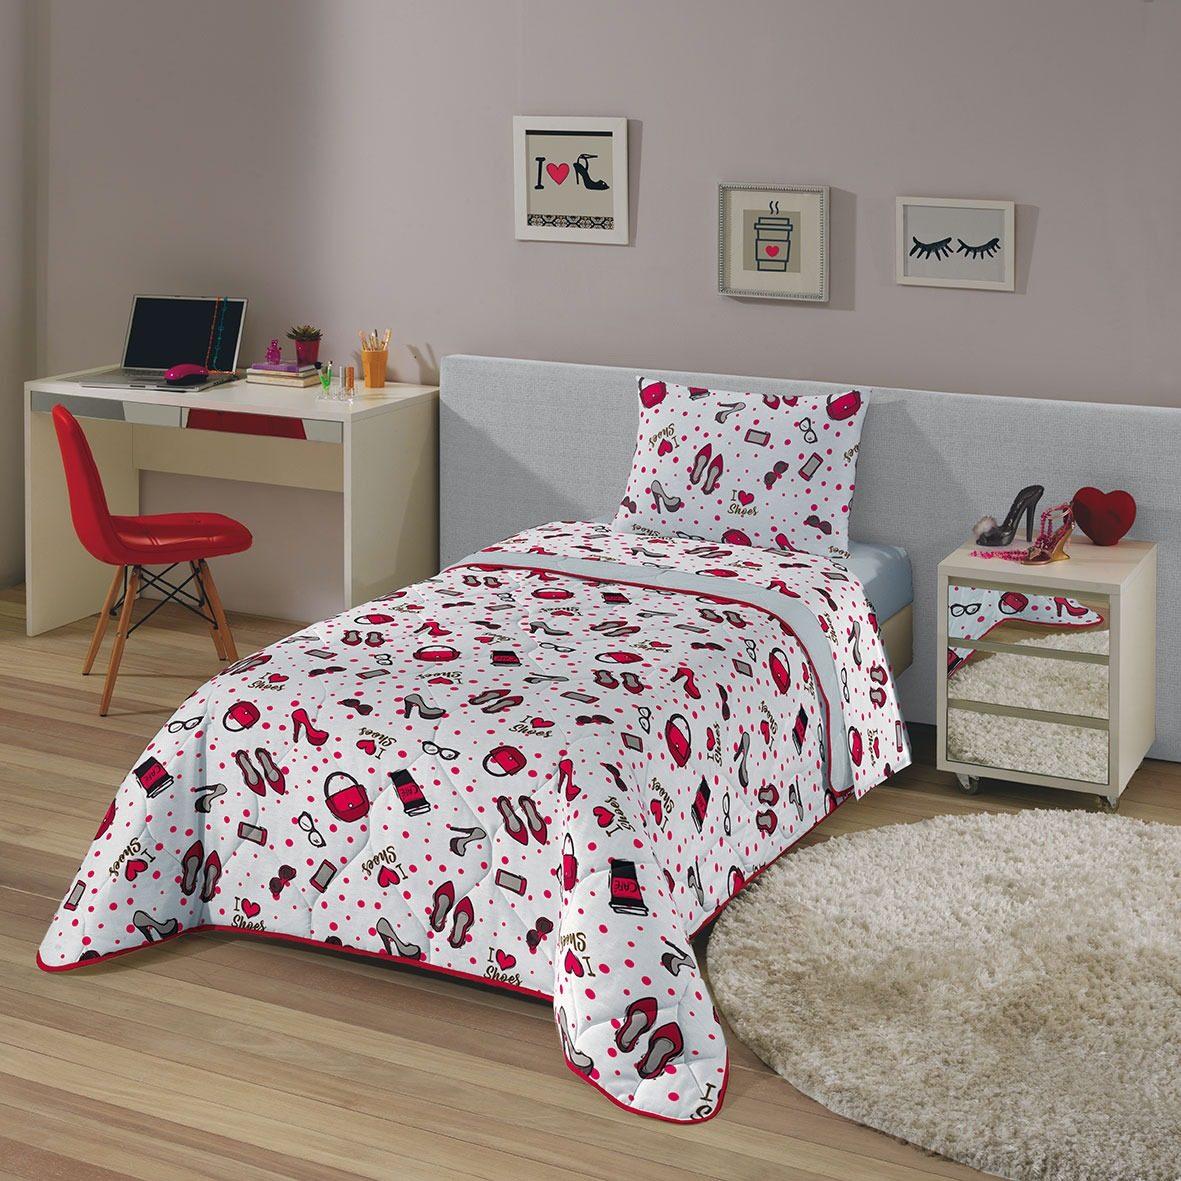 e00cd880a2 jogo de lençol cama solteiro fashion jovem 3pçs 80% algodão. Carregando  zoom.